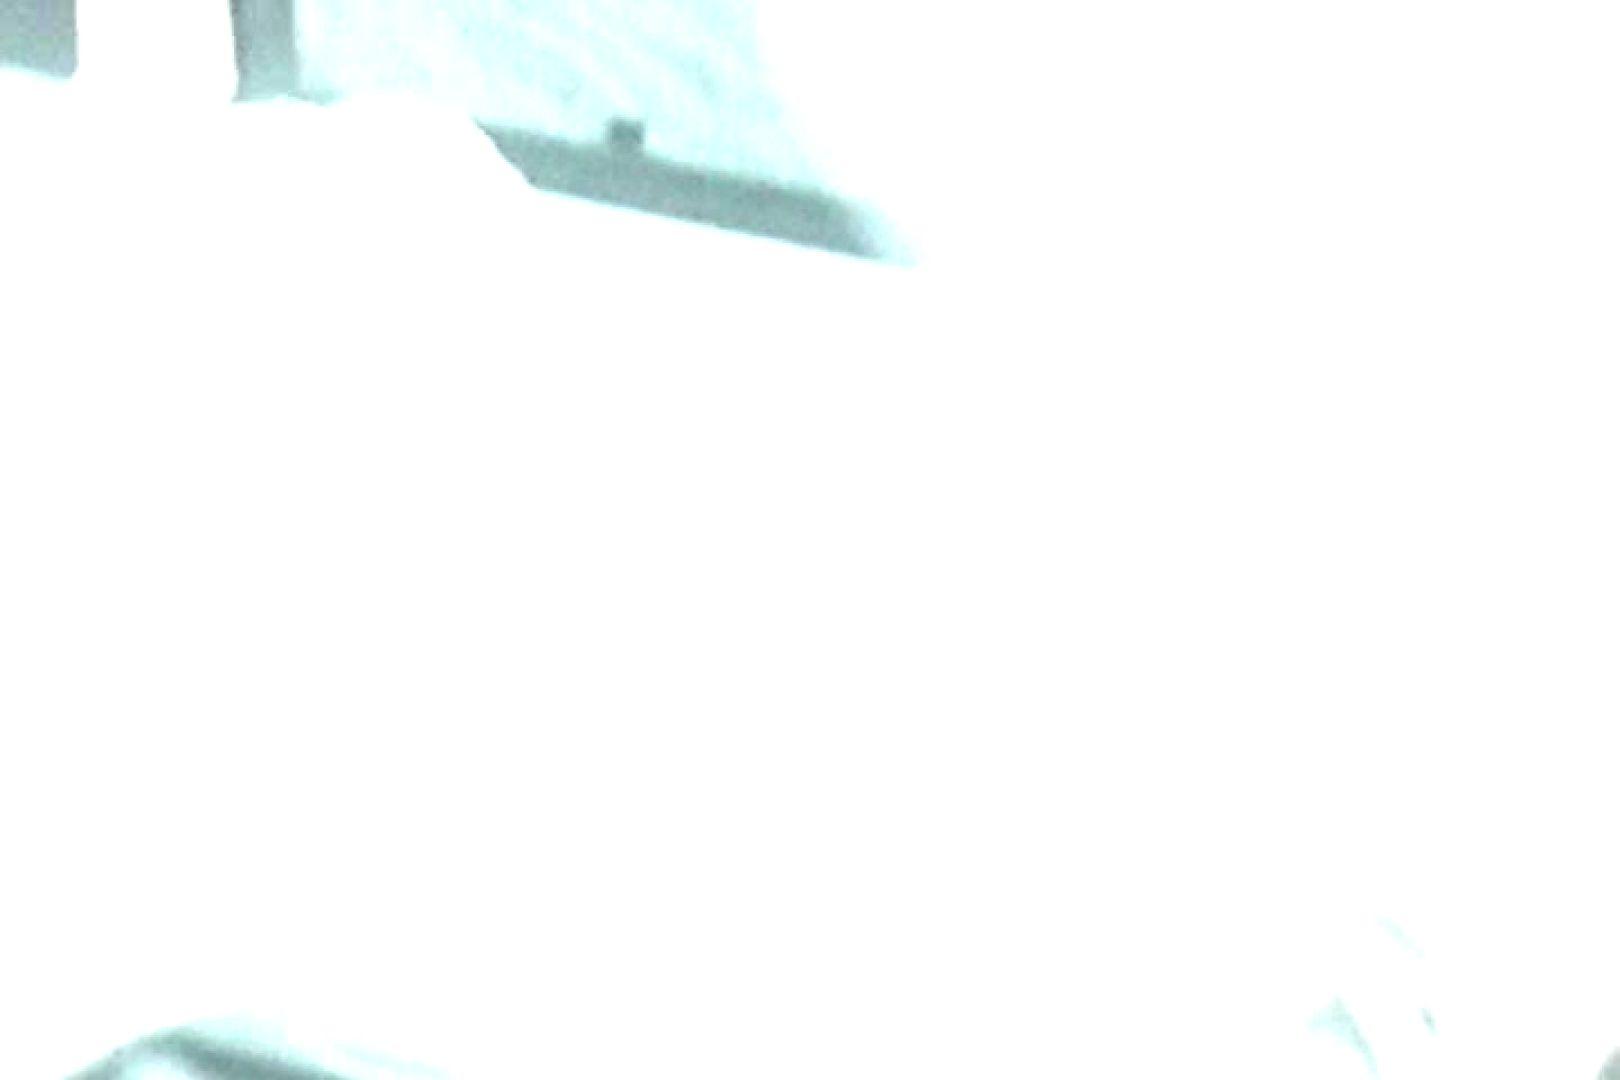 「充血監督」さんの深夜の運動会!! vol.005 OL | セックス  45連発 9